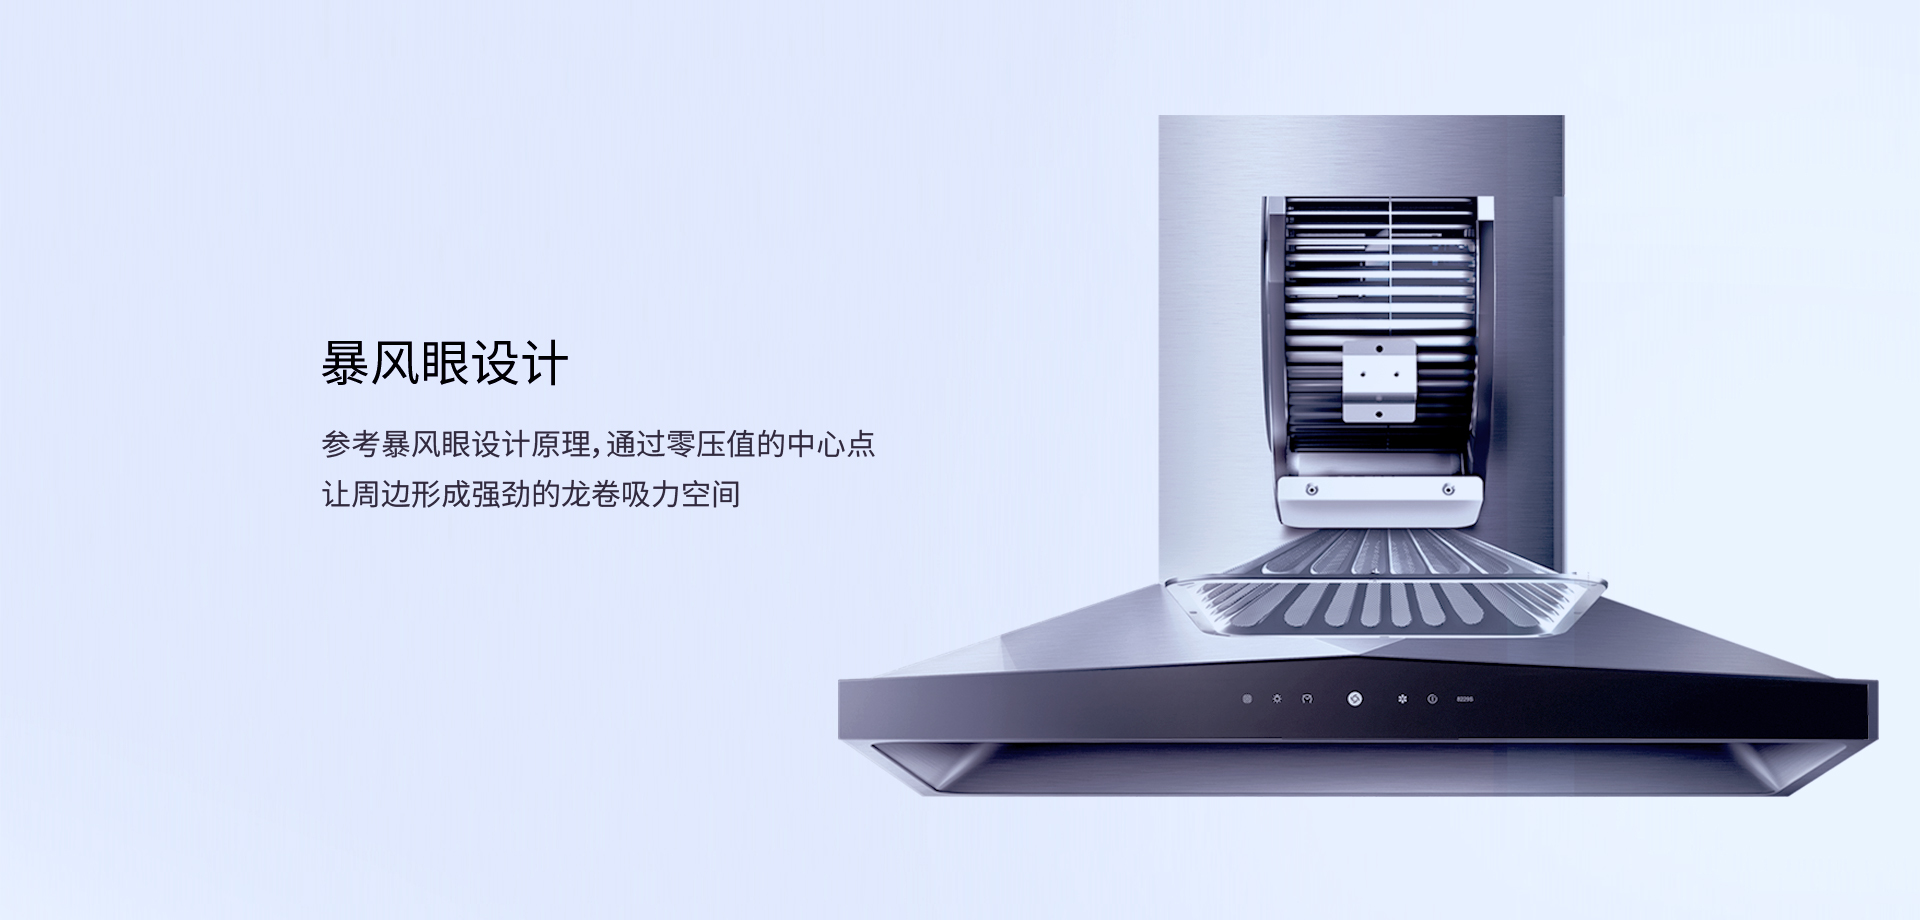 8229s优化-PC_05.jpg